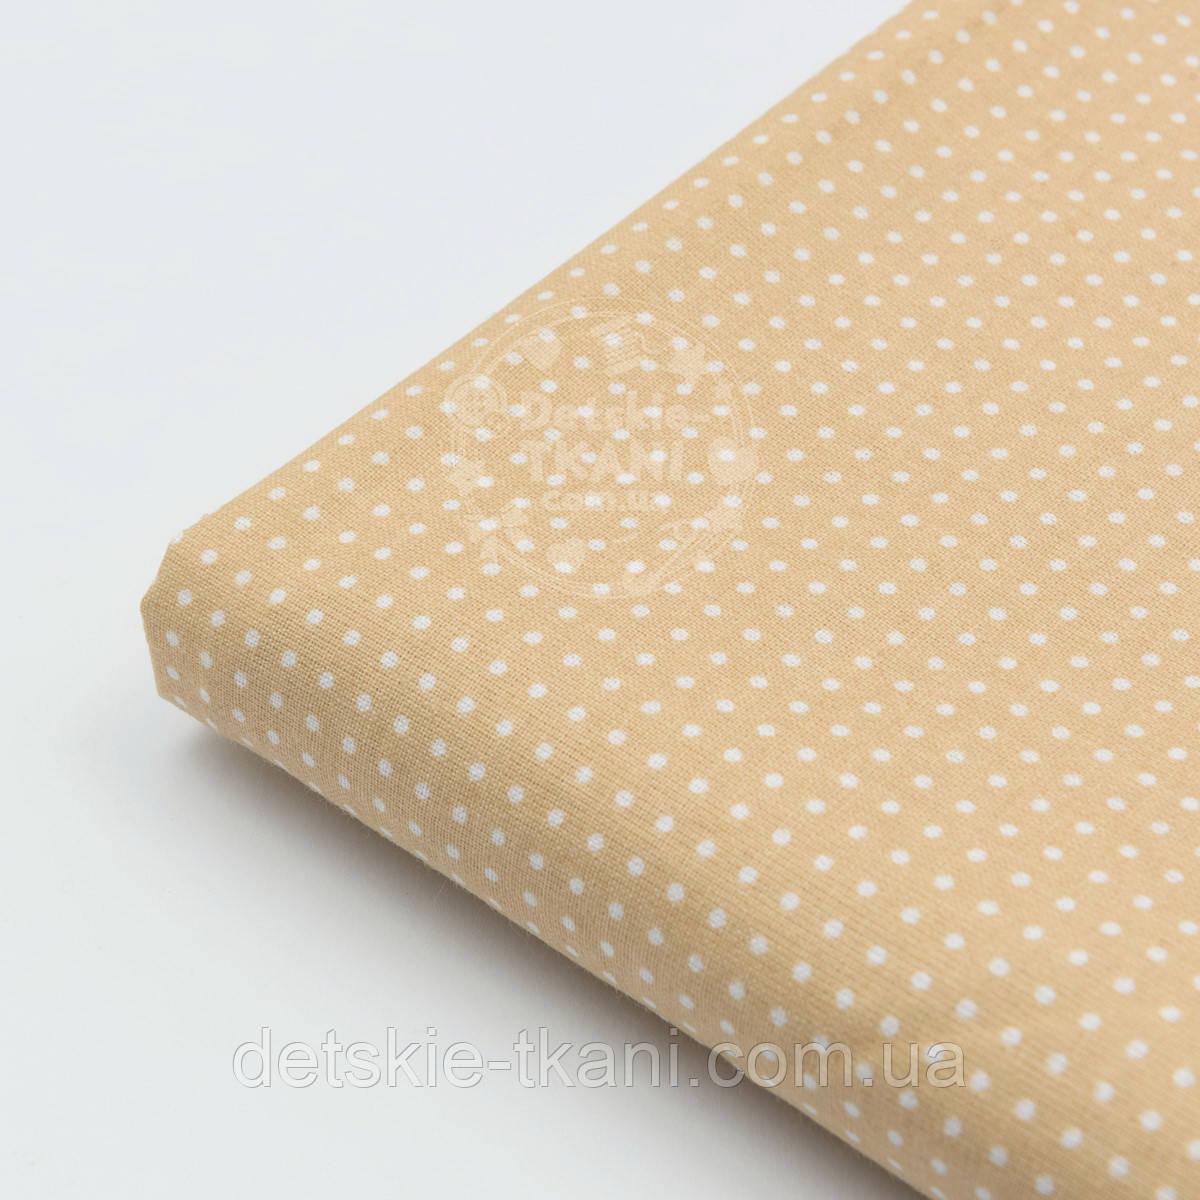 Лоскут ткани №148  с белыми точками на кофейном фоне, размер 36*41 см